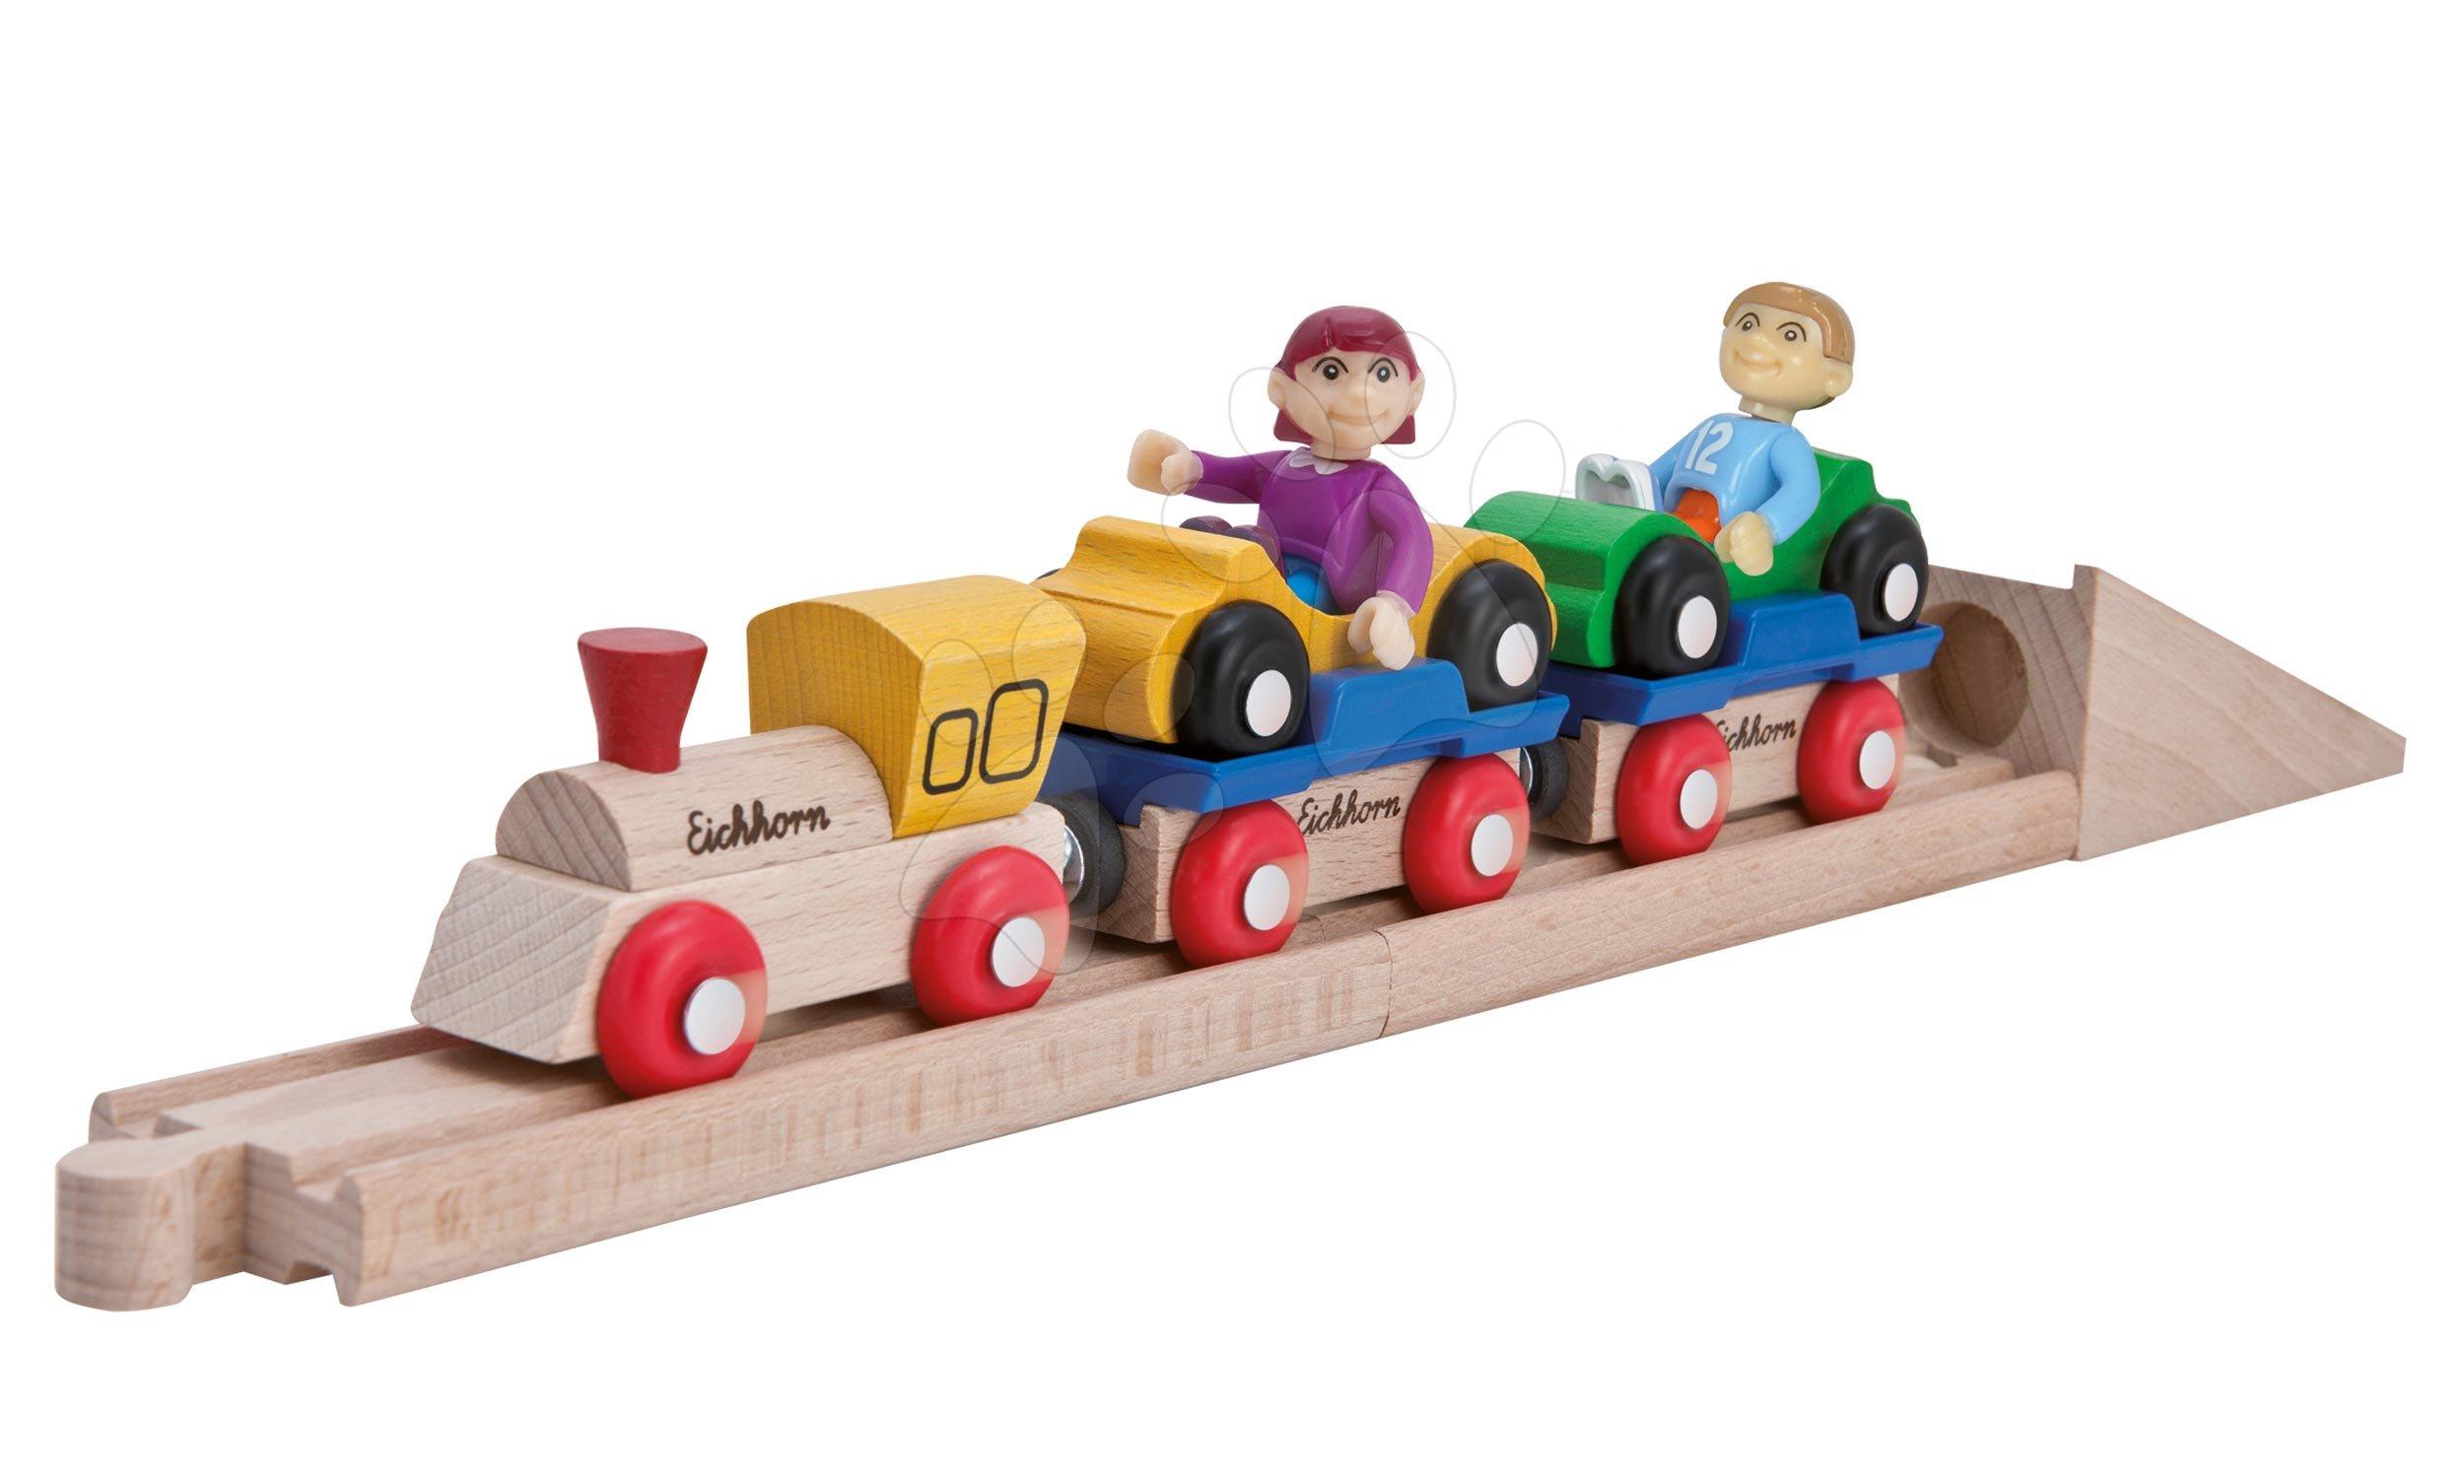 Piese de schimb cale ferată Train Motorail Train Eichhorn locomotivă cu două vagoane și mașini 10 piese 38 cm lungime de la 3 ani EH1361